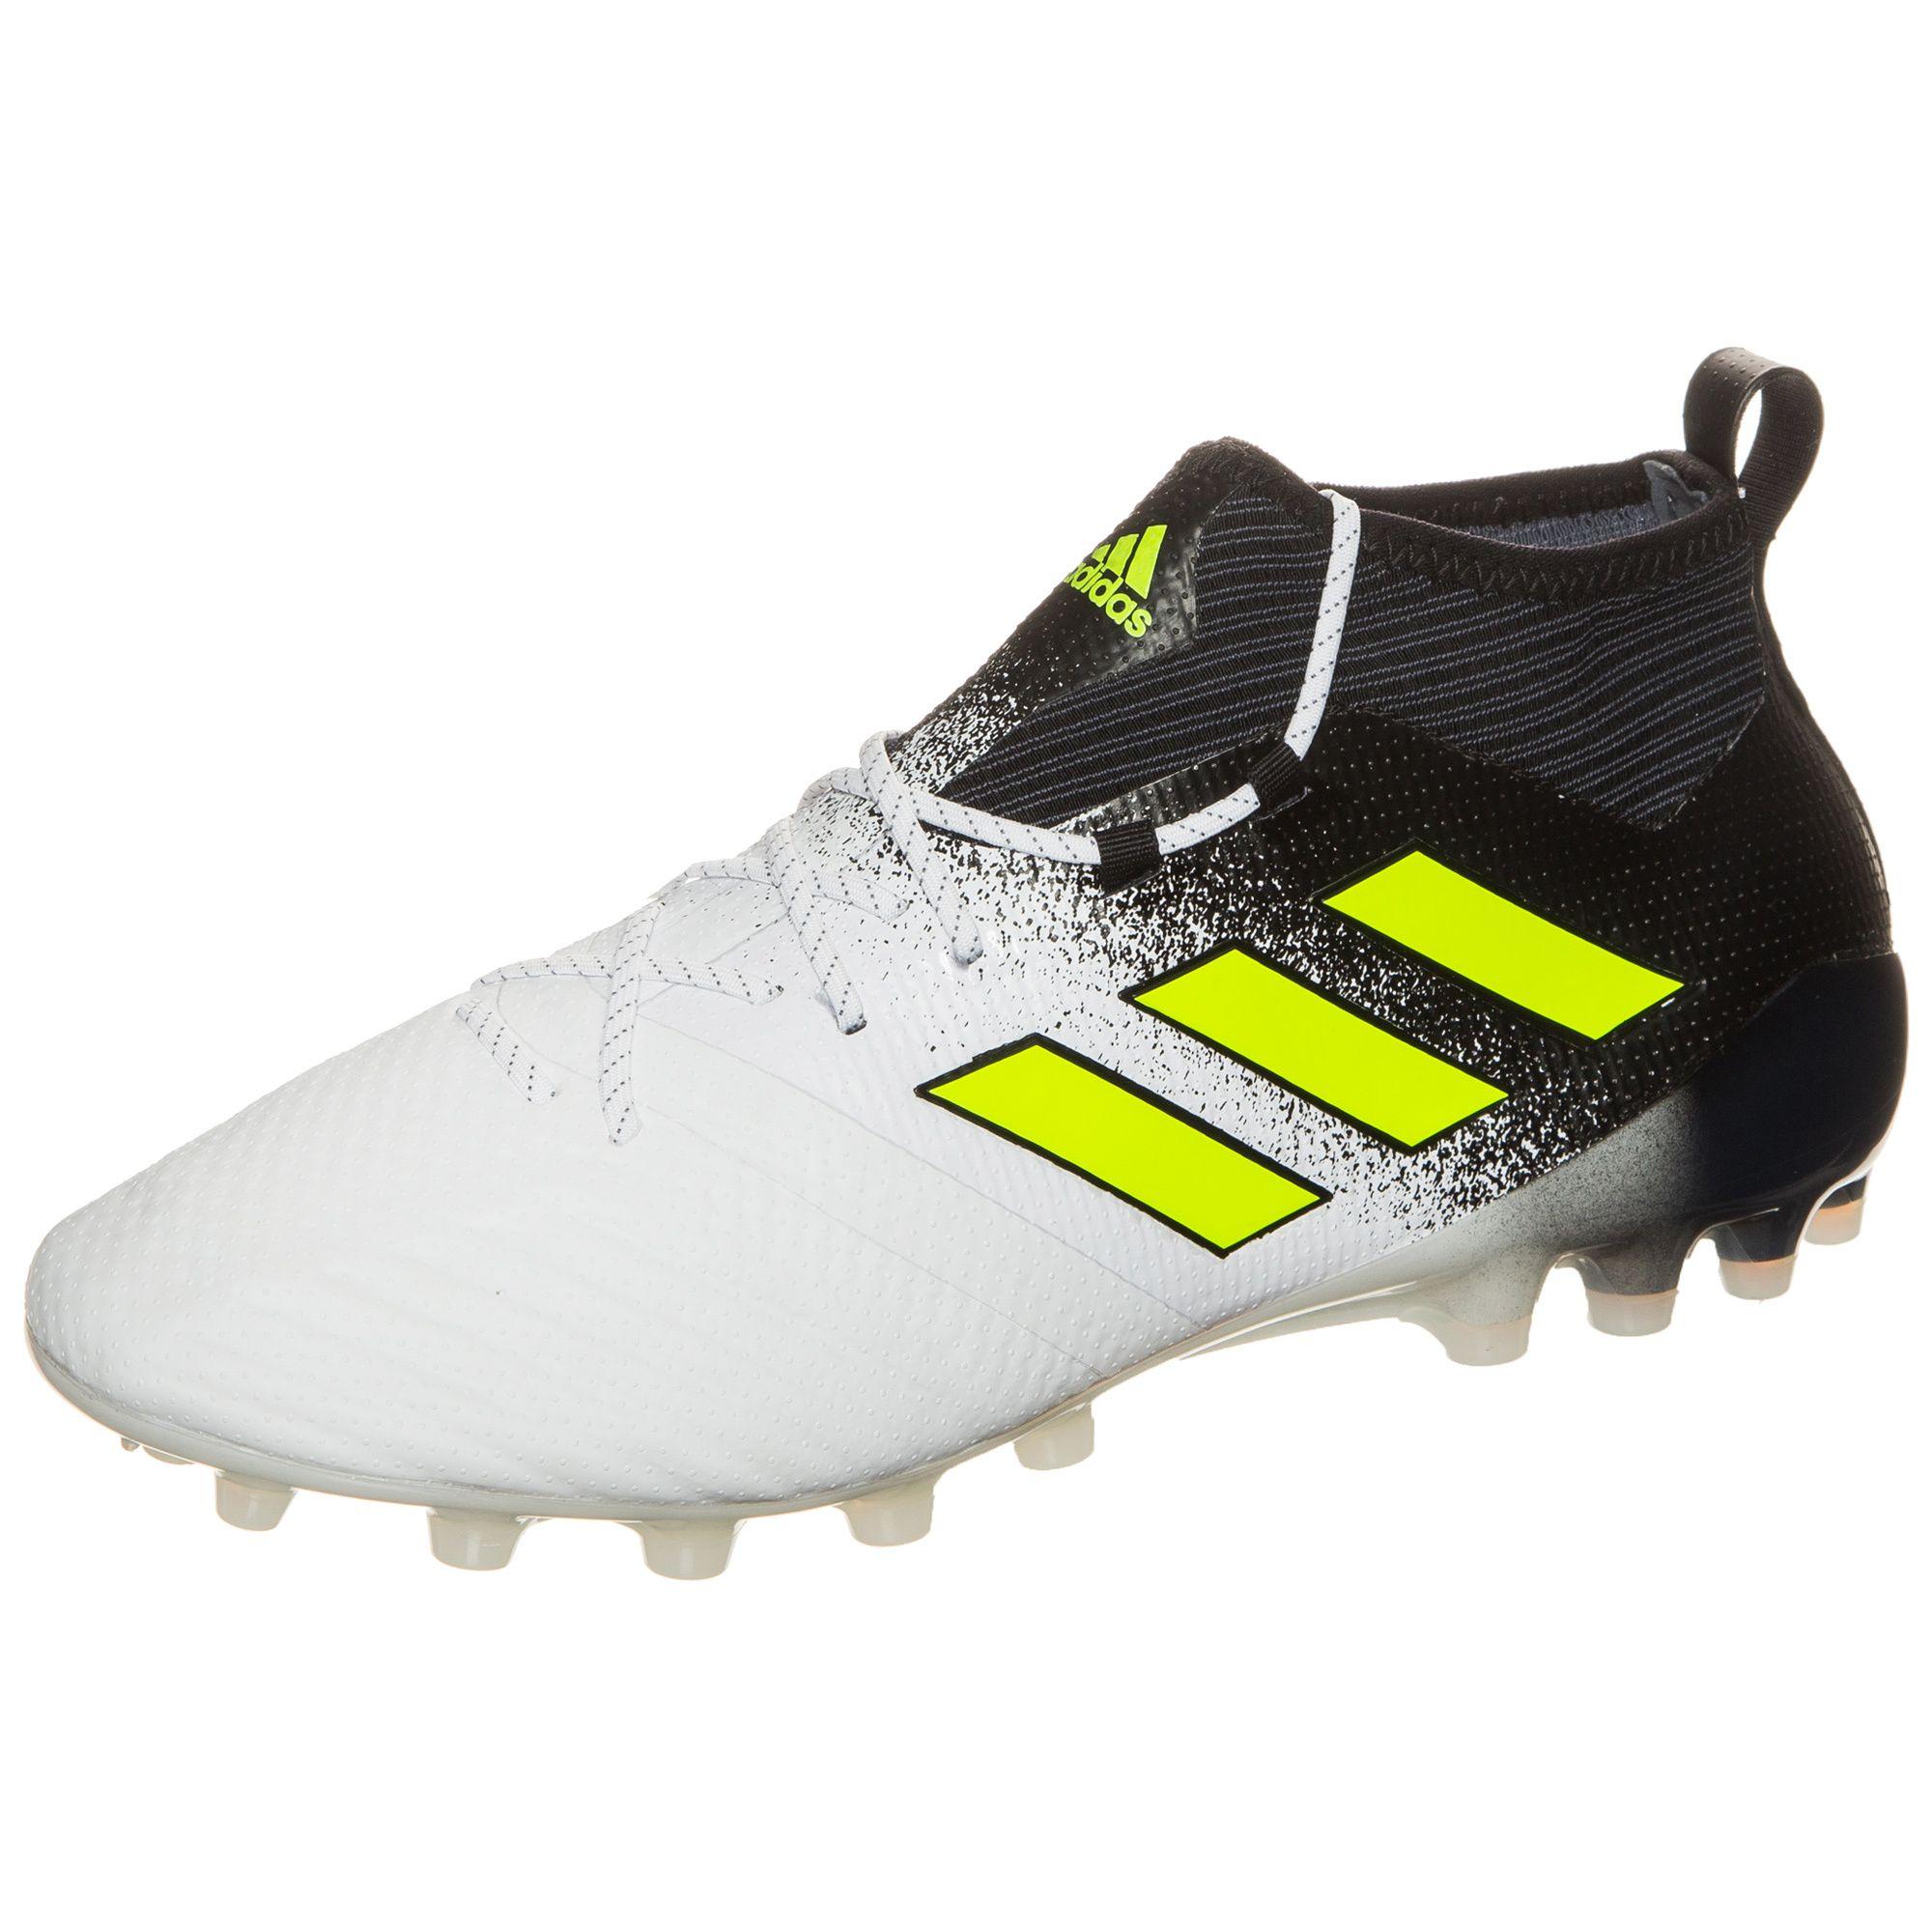 ADIDAS PERFORMANCE adidas Performance ACE 17.1 Primeknit AG Fußballschuh Herren